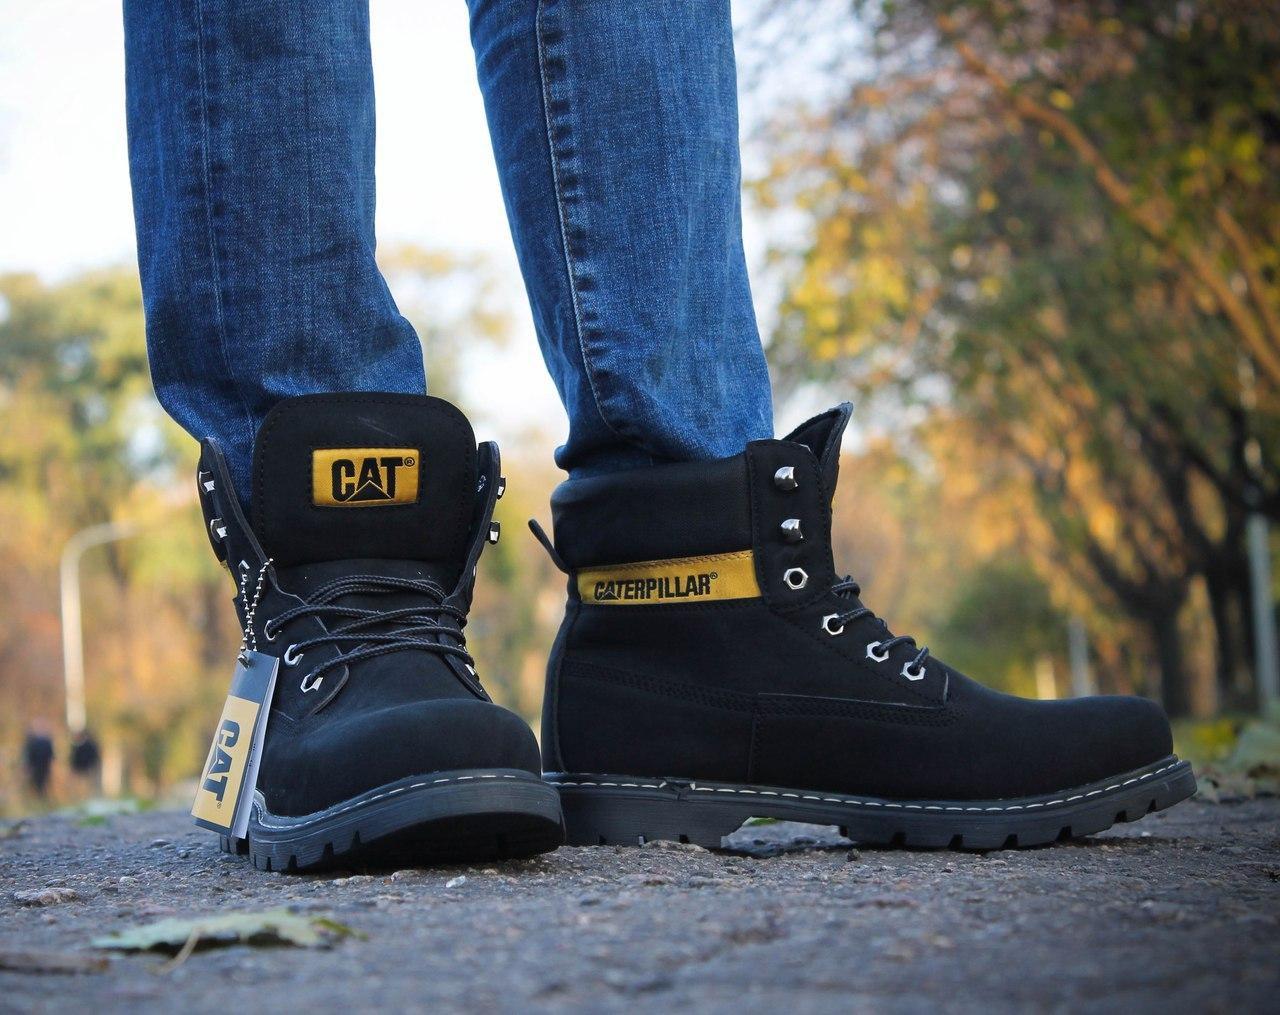 Мужские зимние ботинки Caterpillar Black